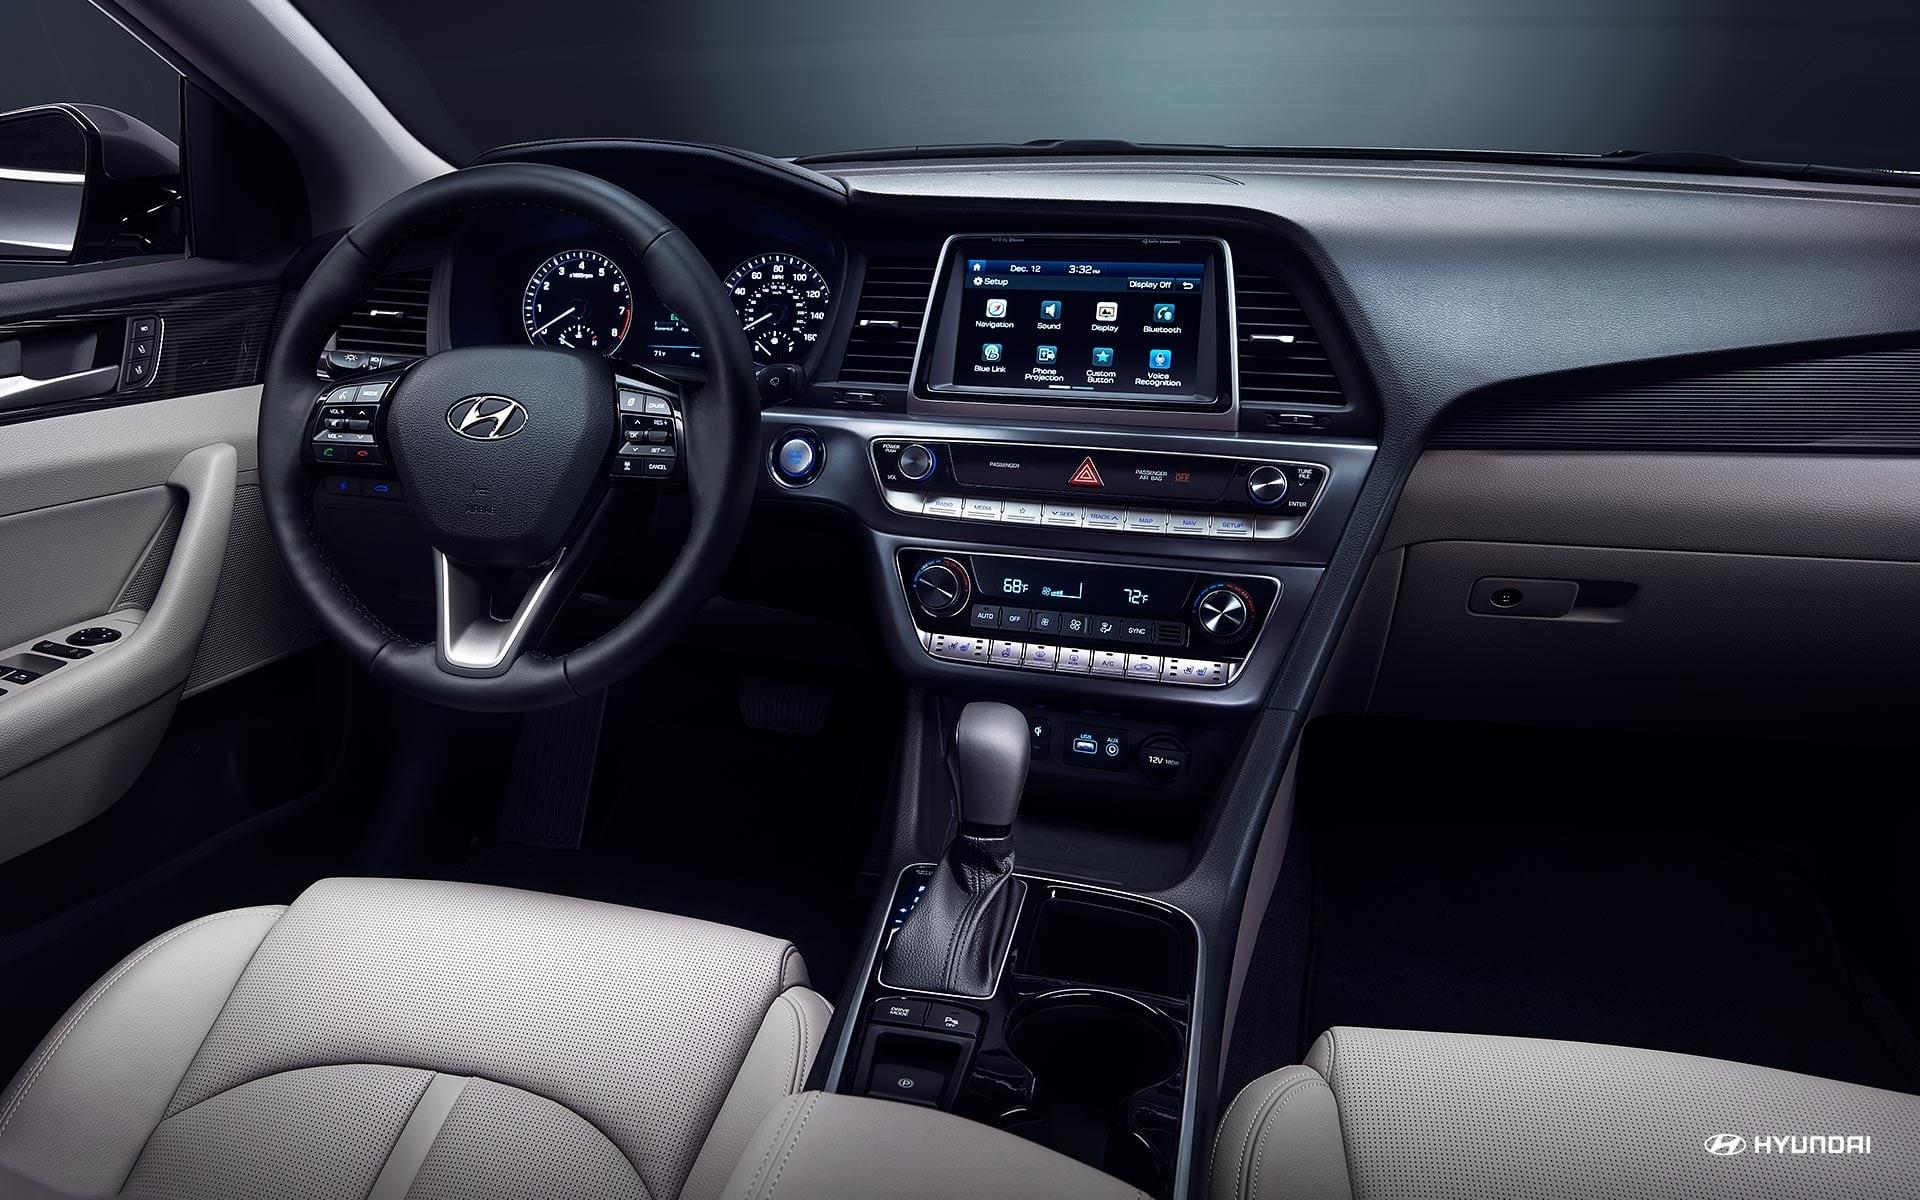 2019 Hyundai Sonata Cockpit